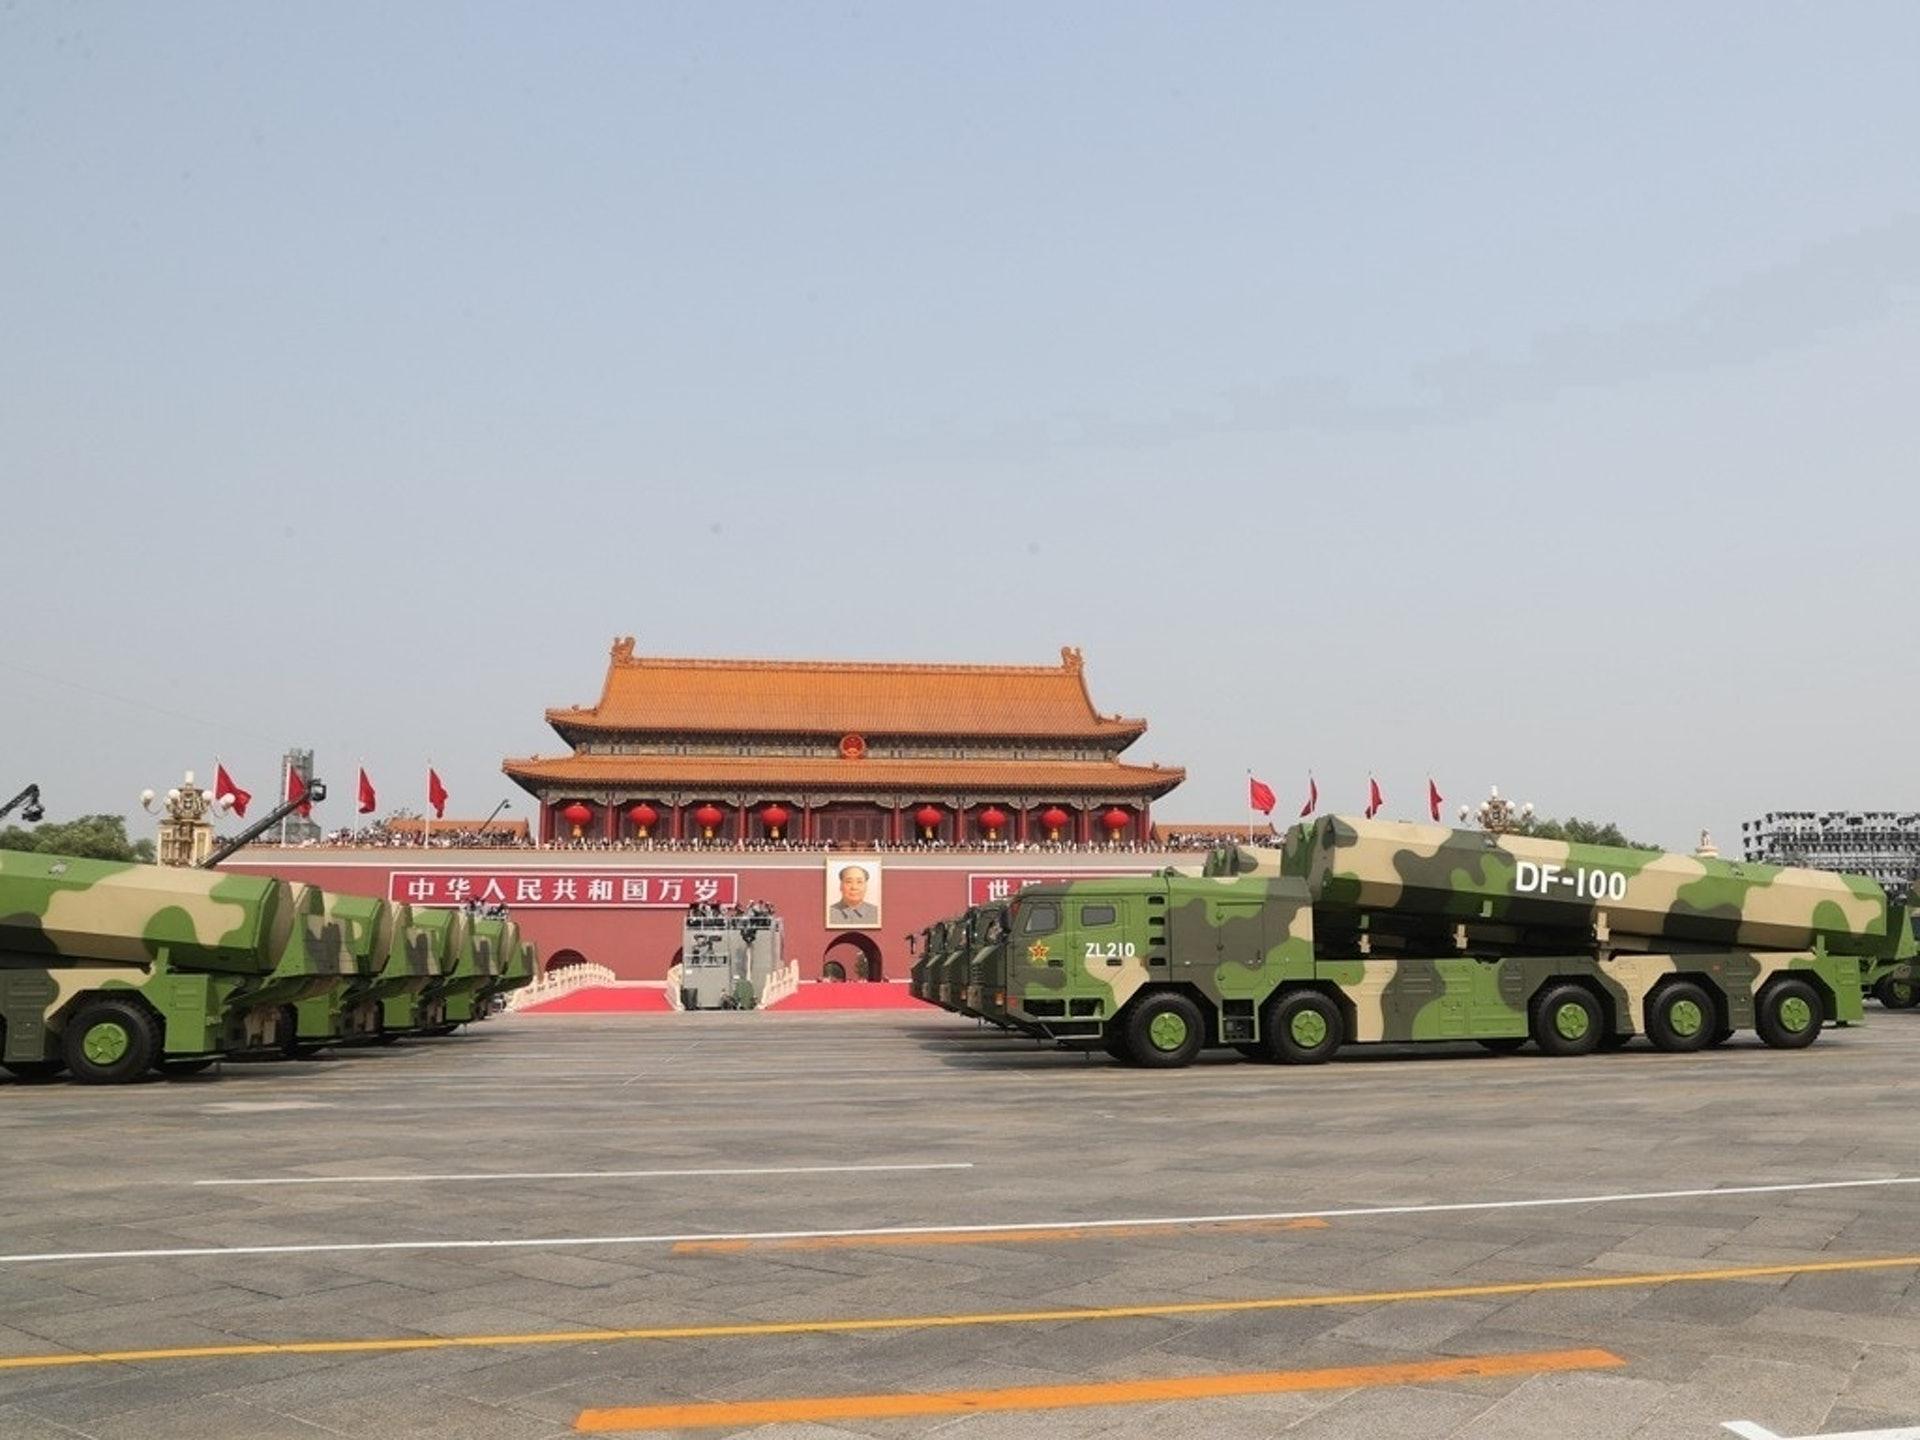 东风-100是一款超音速巡航导弹,是中国军队精确打击武器。(新华社)